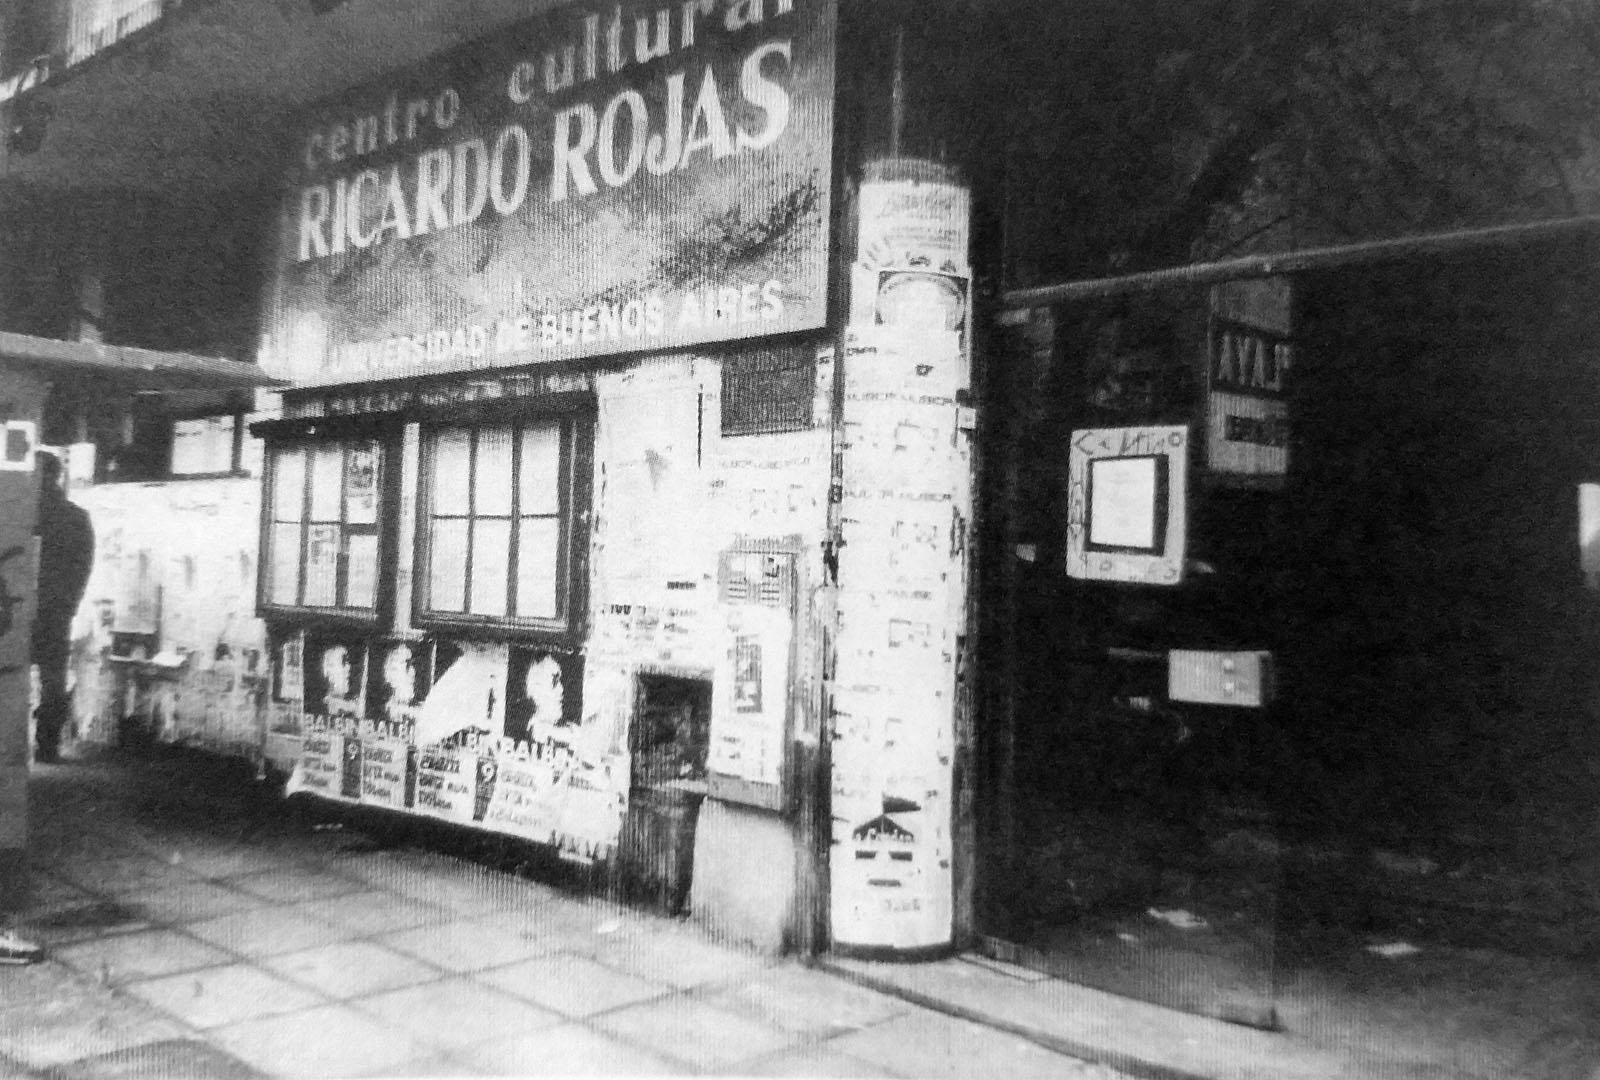 El Centro Cultural Ricardo Rojas, Universidad de Buenos Aires, c. 1985. En Natalia Calzón Flores (recop.), 25 años del Rojas, p.74. Buenos Aires Libros del Rojas.